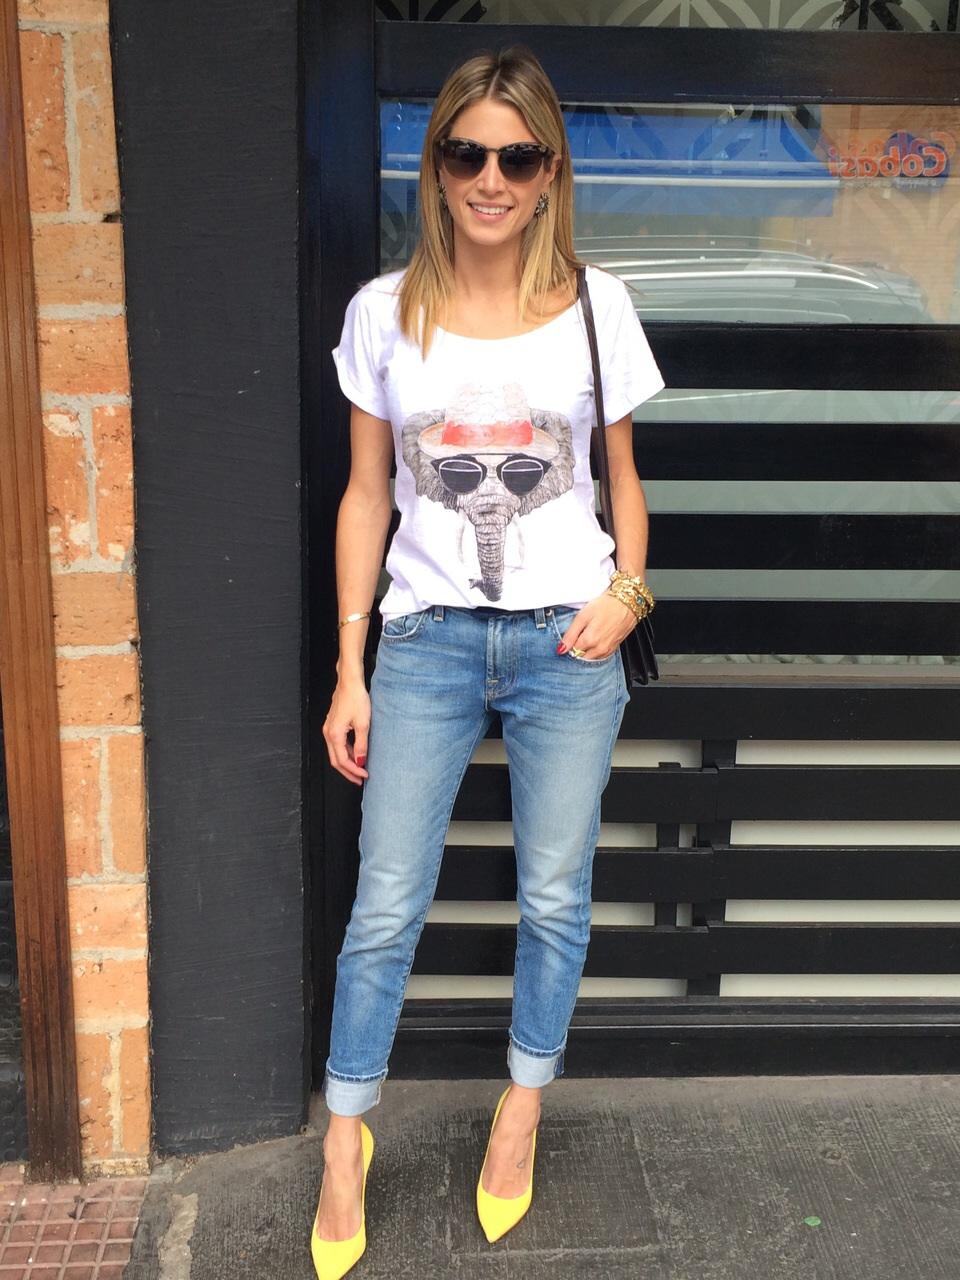 Dicas de moda, calça Kinny Jeans com camiseta basica, óculos escuro e Scarpin amarelo